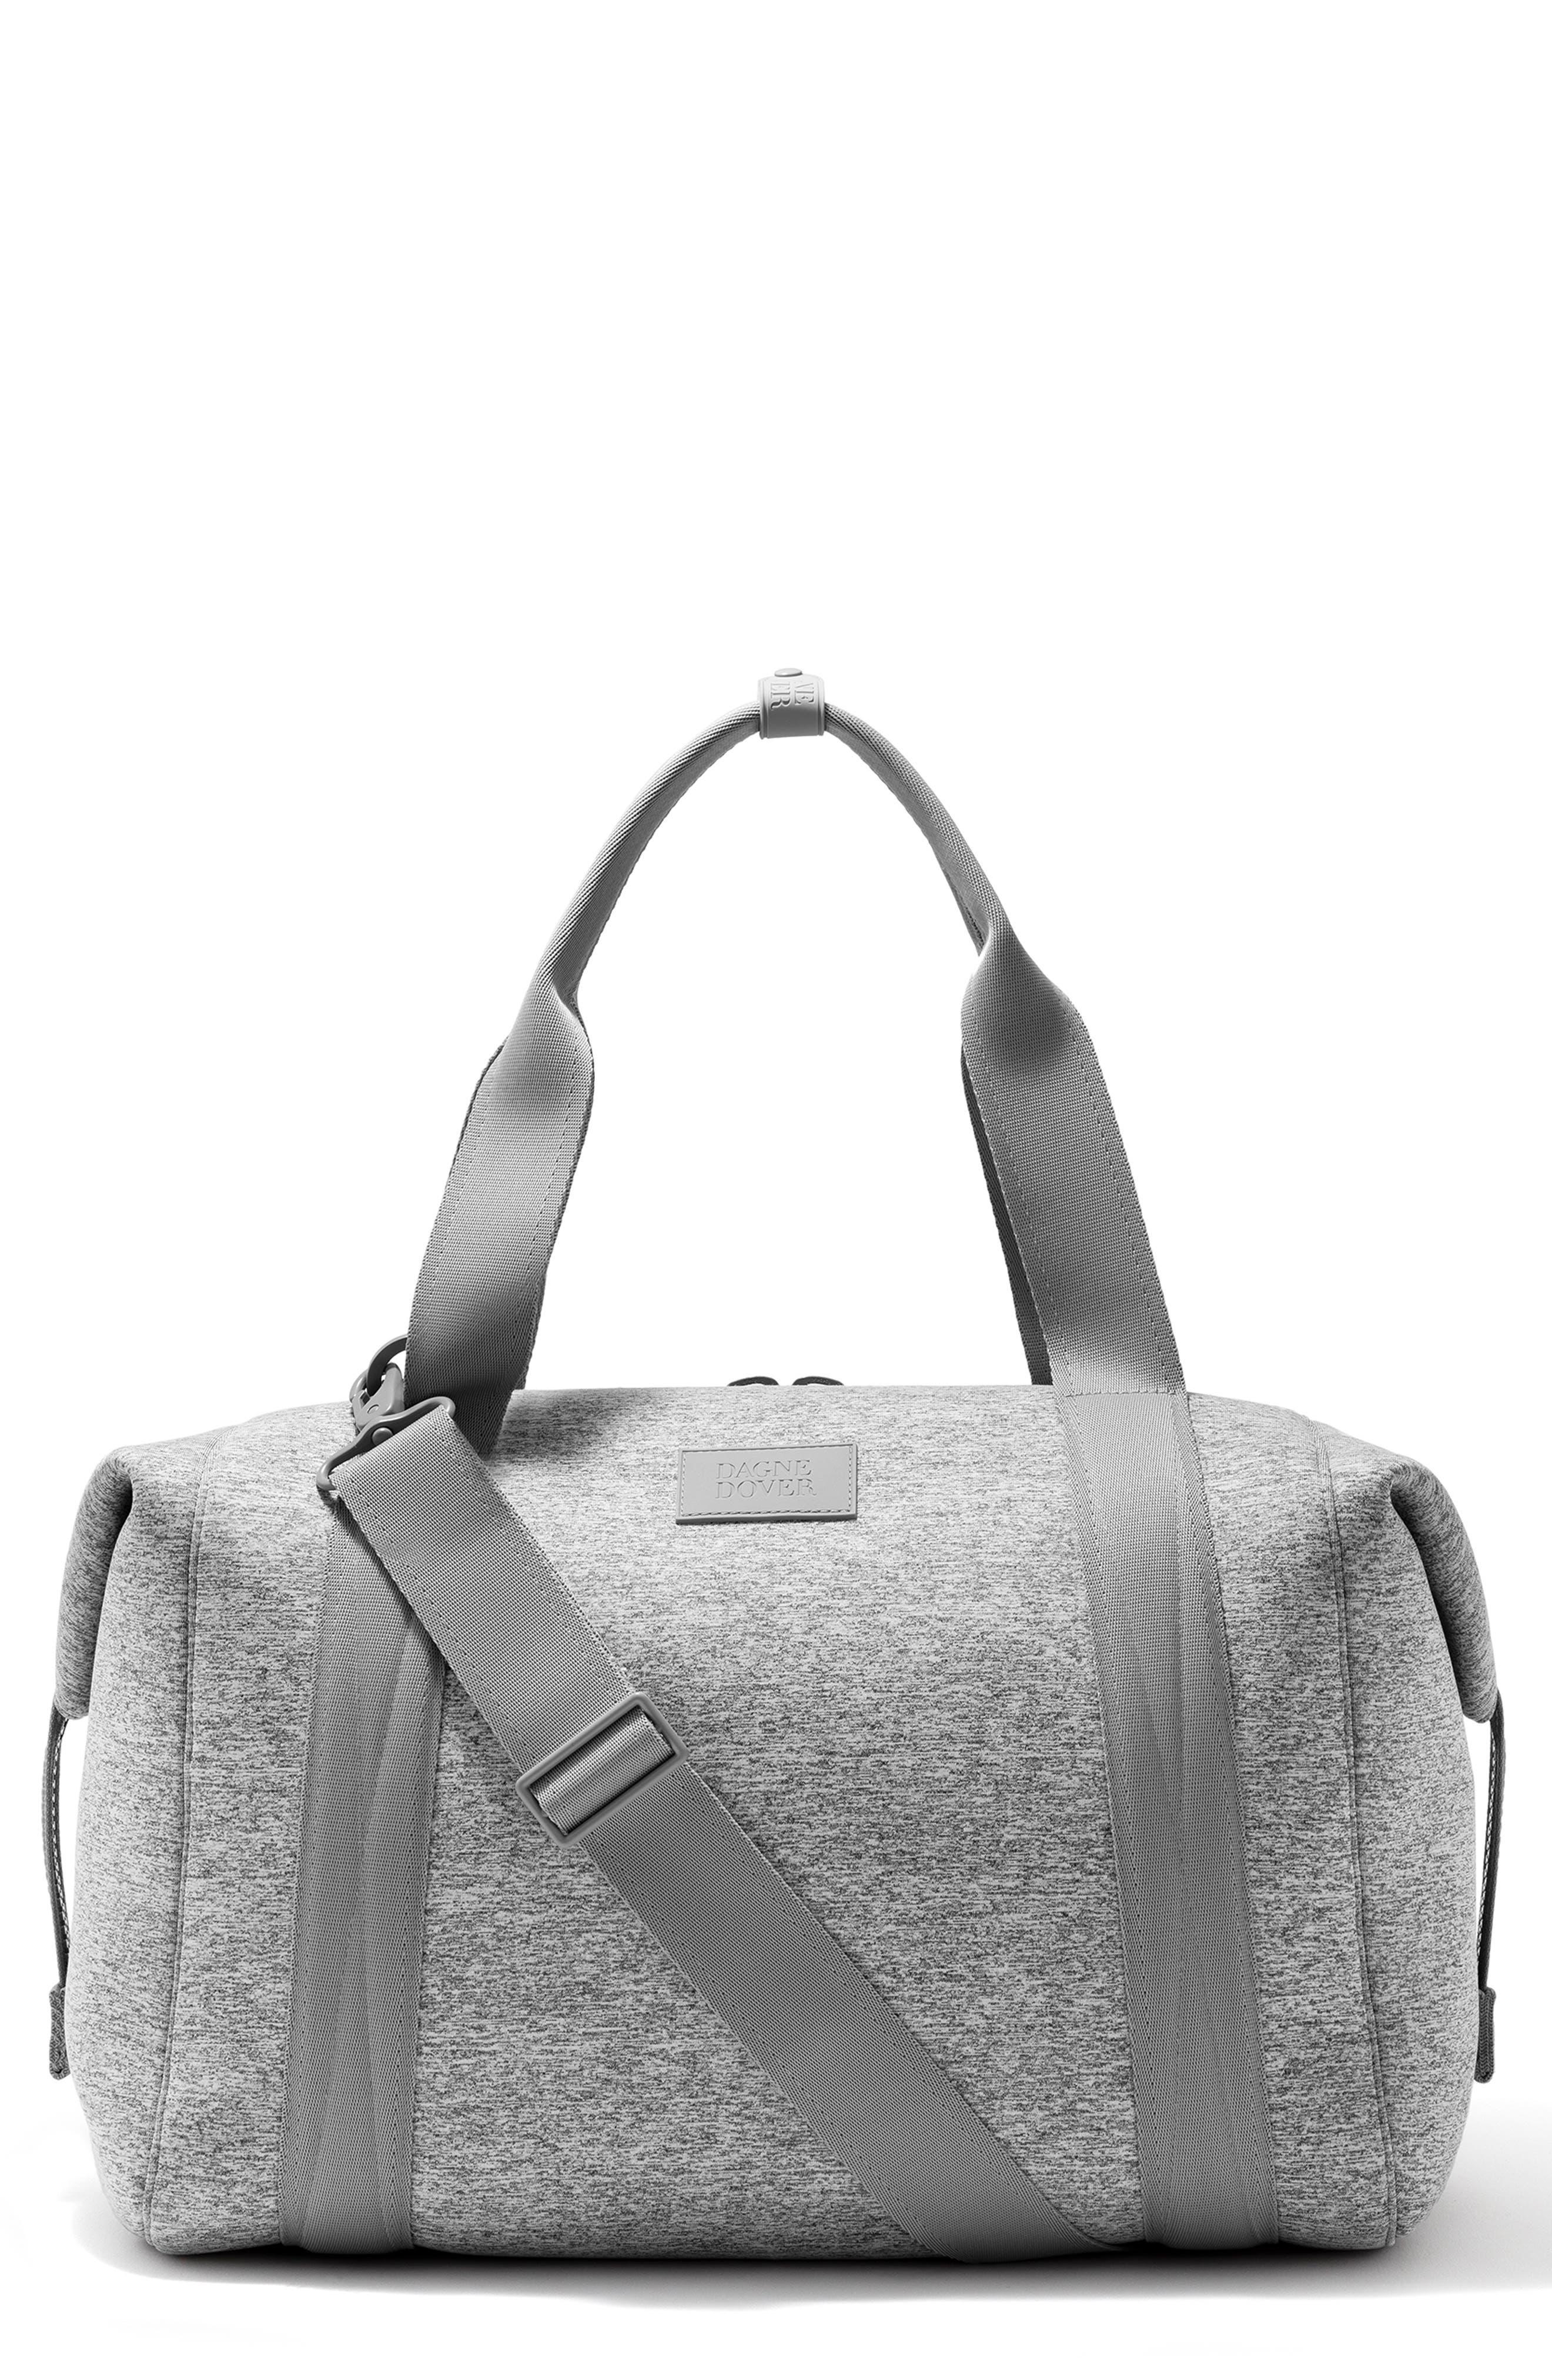 DAGNE DOVER 365 Large Landon Neoprene Carryall Duffel Bag - Grey in Heather Grey